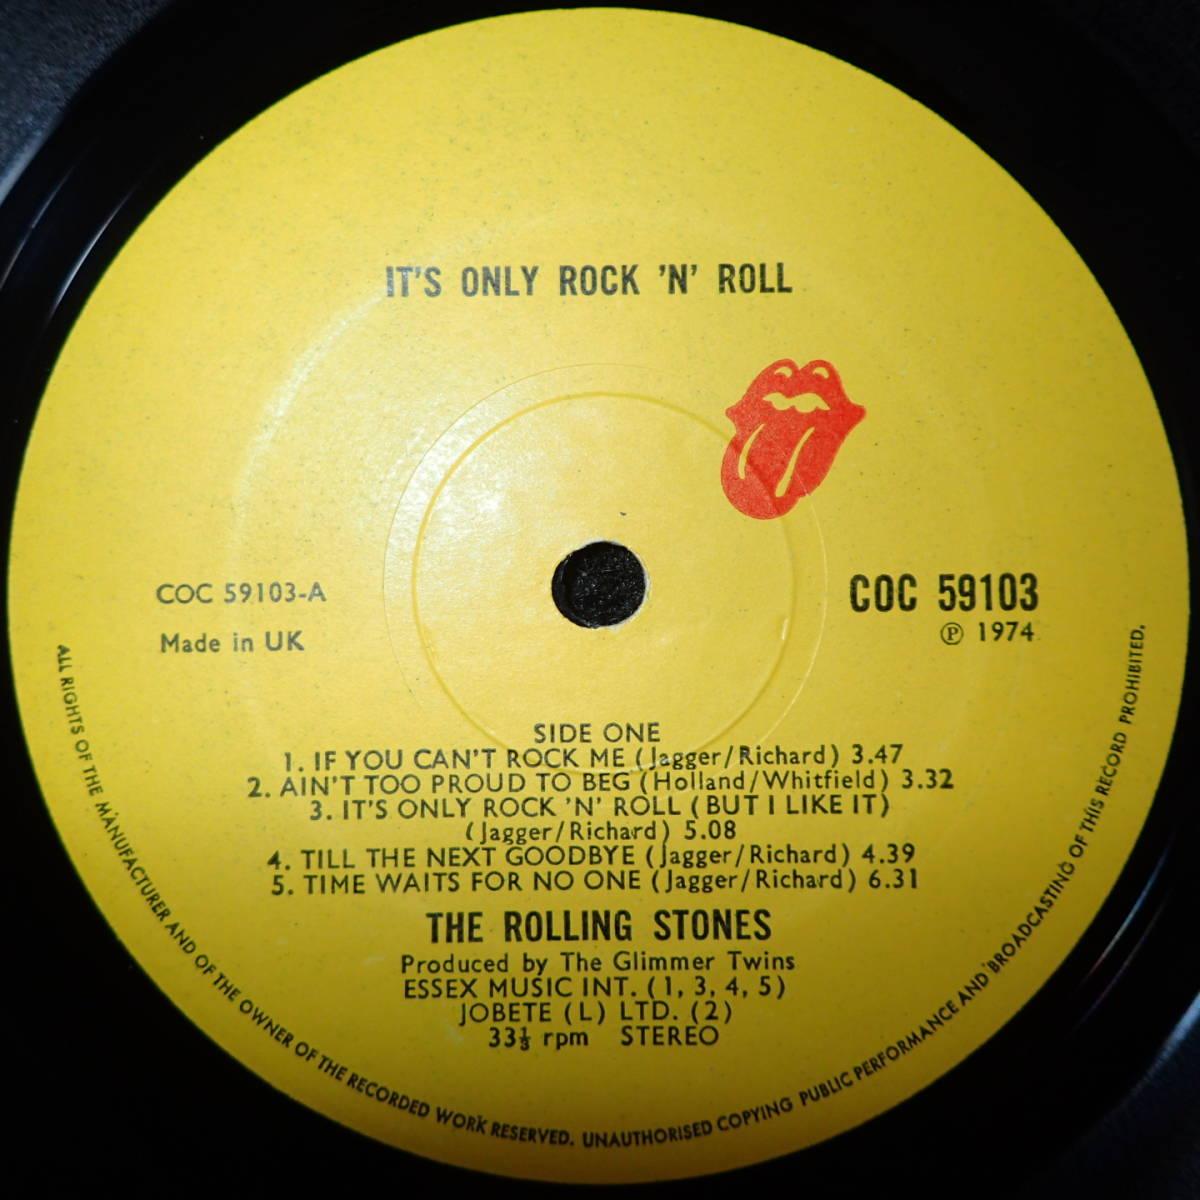 1円開始【超ギガレア★奇跡のRSインナ-付+初回マト★UKオリジナル美品★初回マト/インサート】★THE ROLLING STONES/It's Only Rock' Roll_画像6